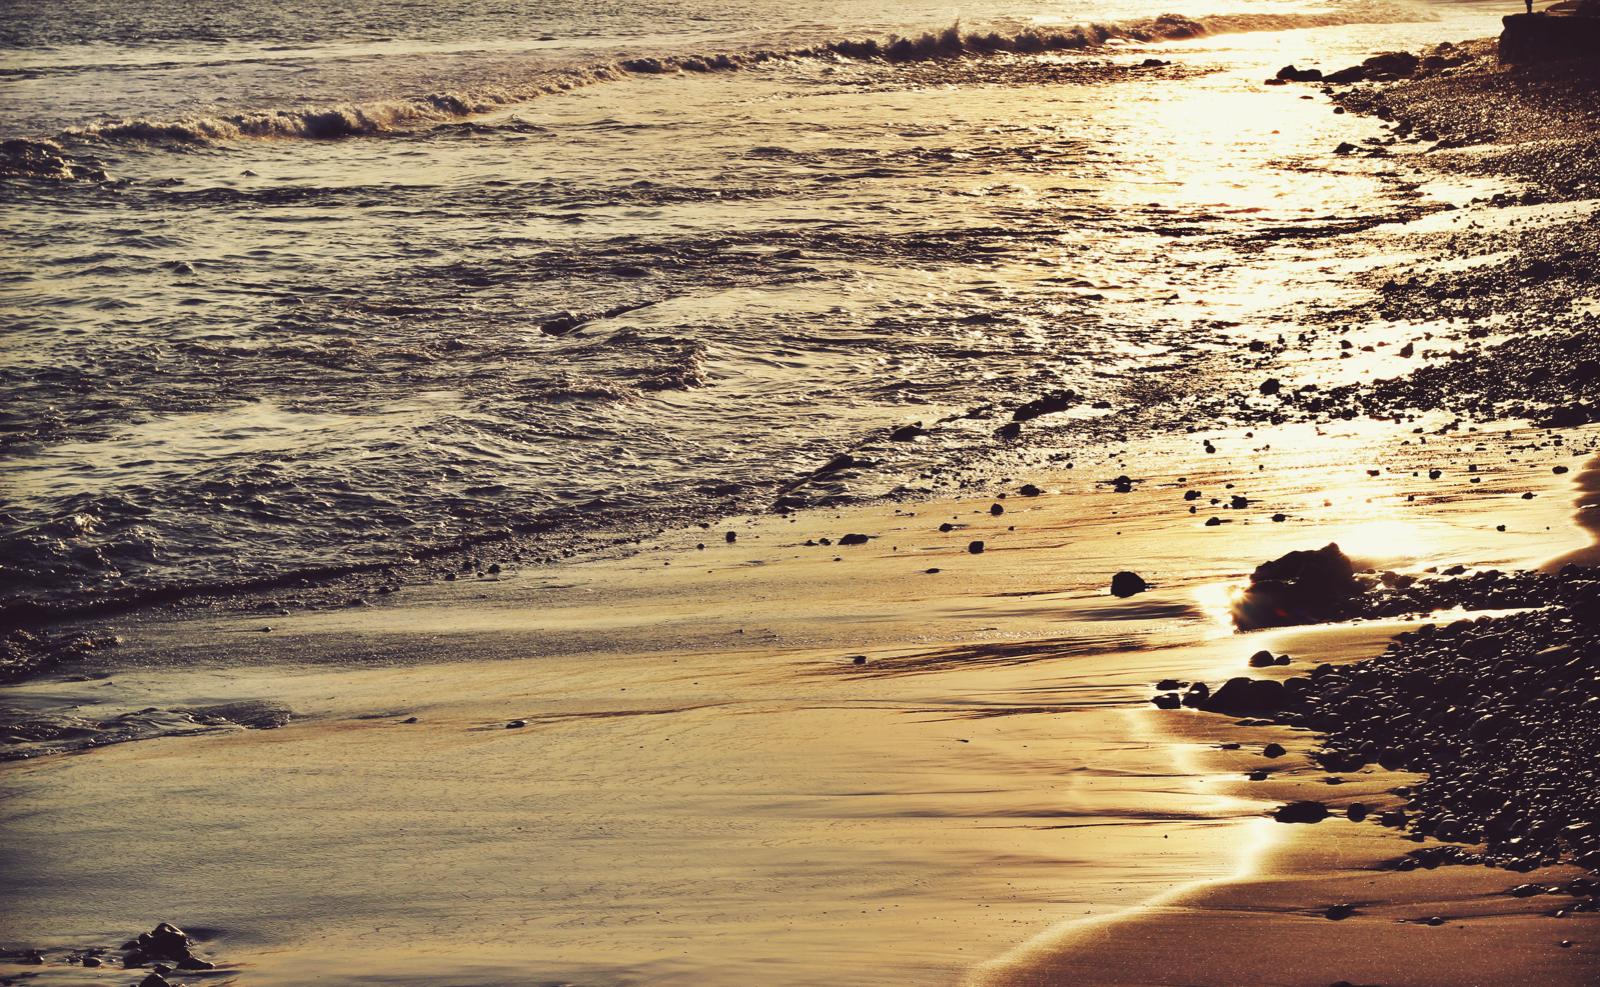 Sea sunsetscape 2.jpeg